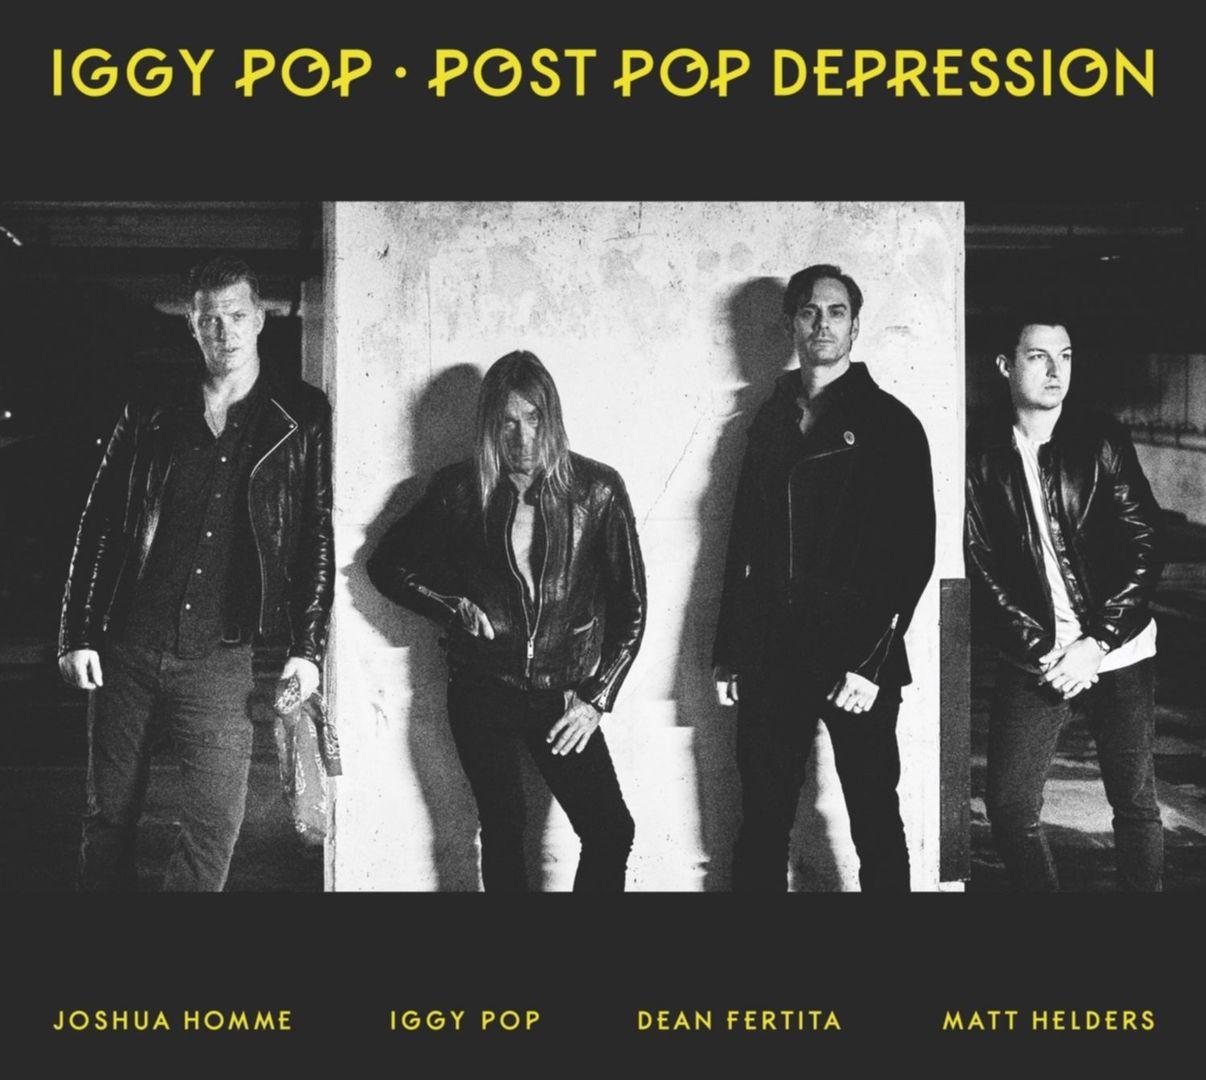 iggy-pop-josh-homme-cover-klein